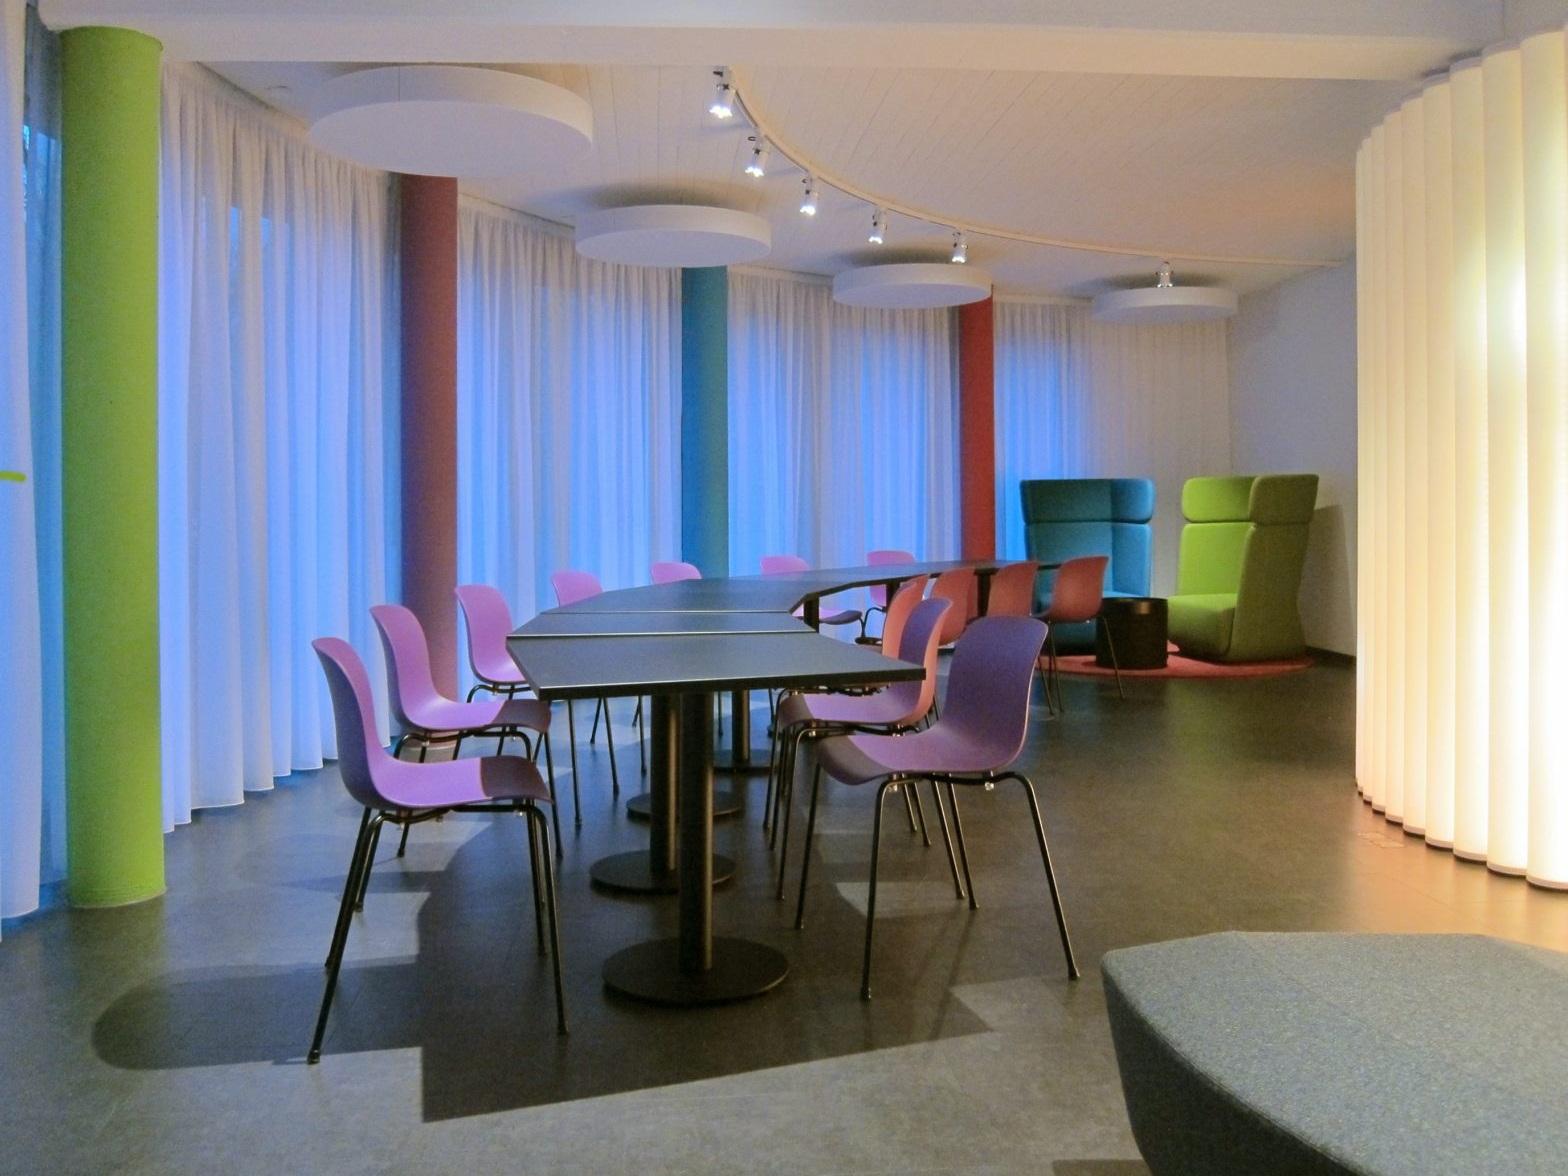 Pausen- und Präsentationsraum - Tische und Sitzgruppe